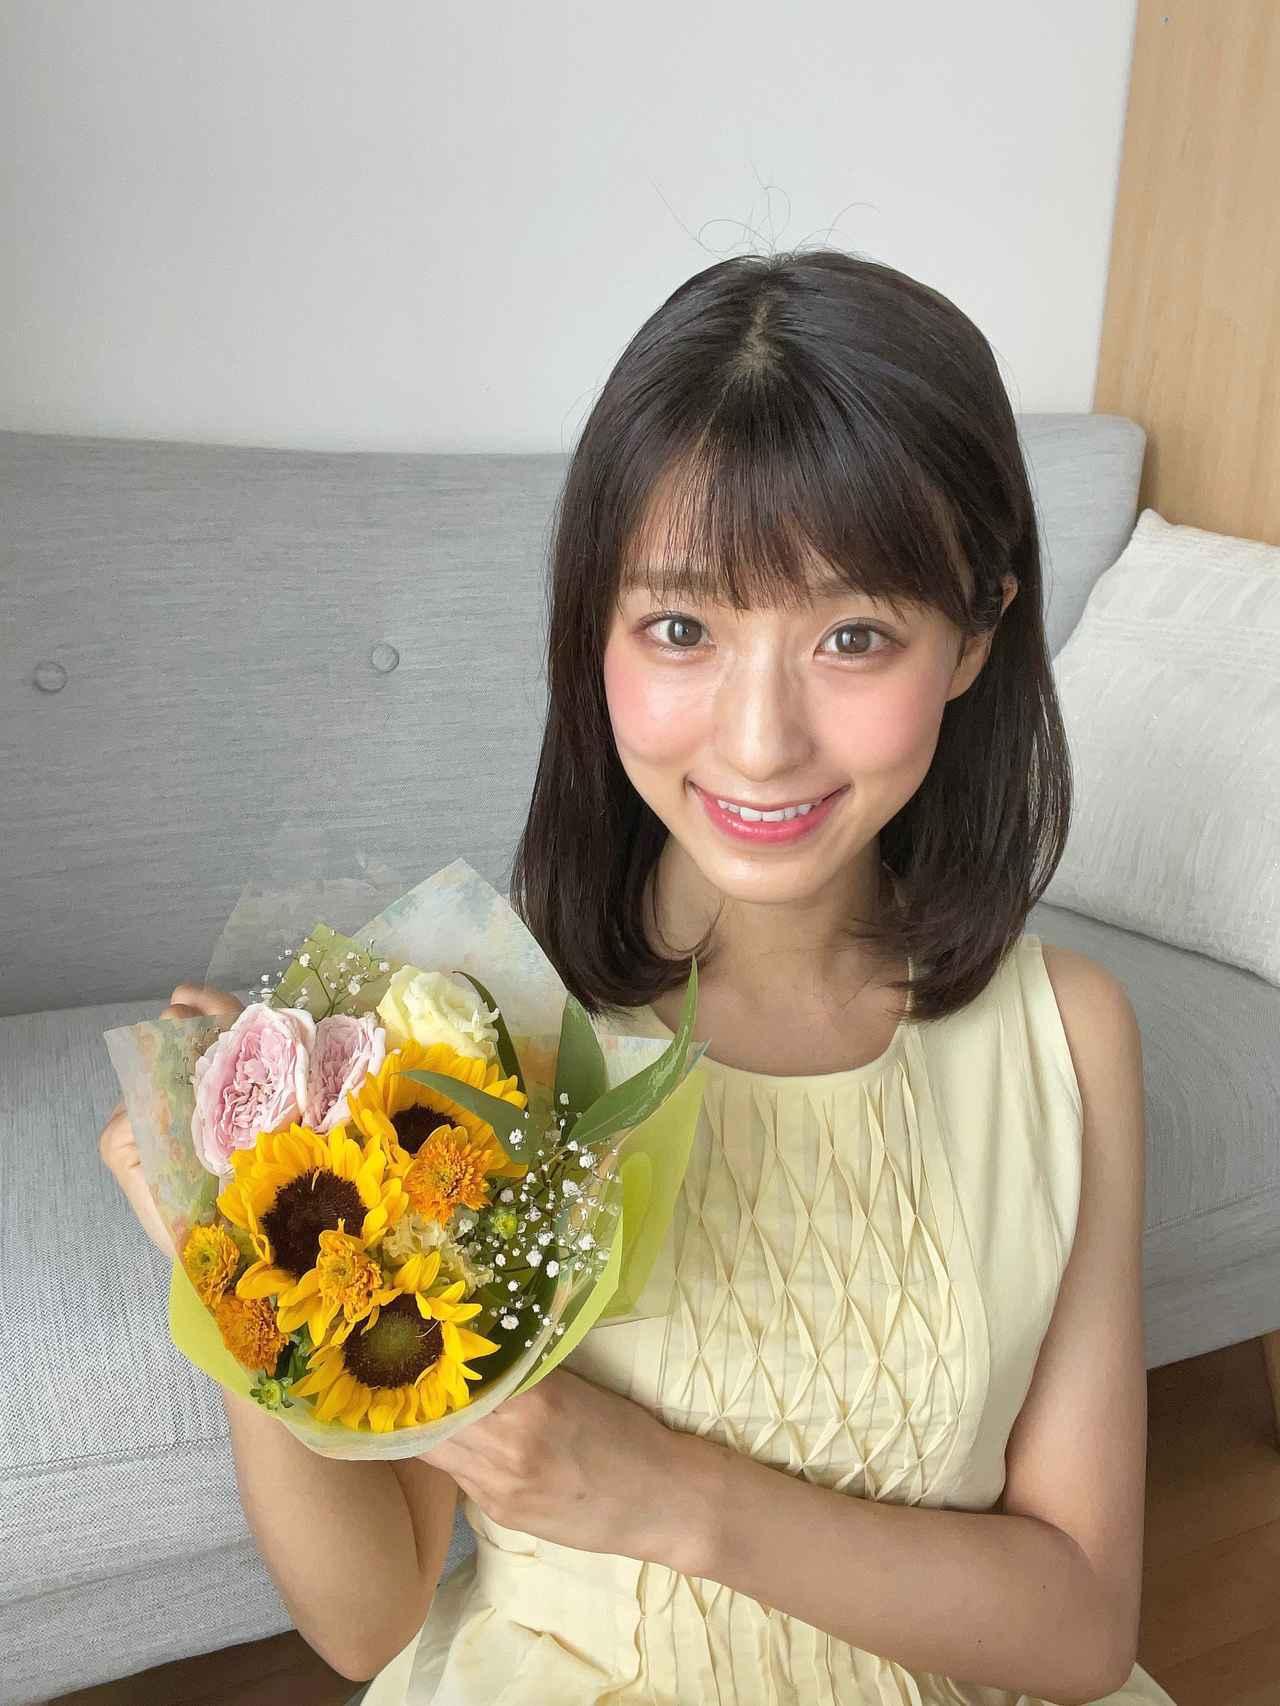 画像: 大好きな夏の花 ひまわりももらいました。かわいい♪